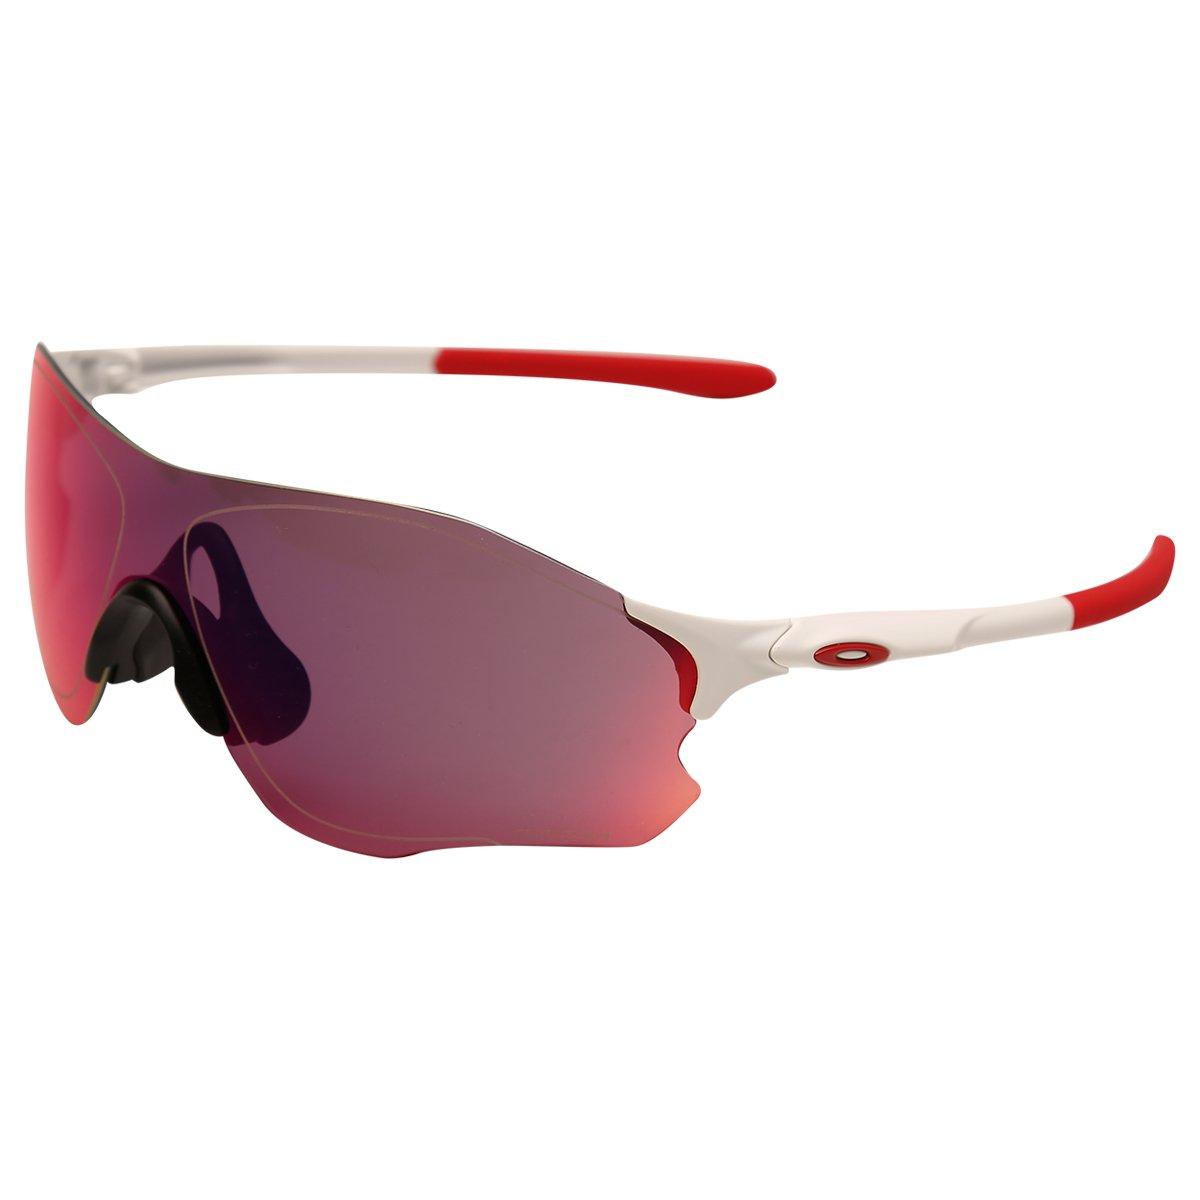 75479bfa9361f Óculos Oakley Evzero Path Prizm Road - Compre Agora